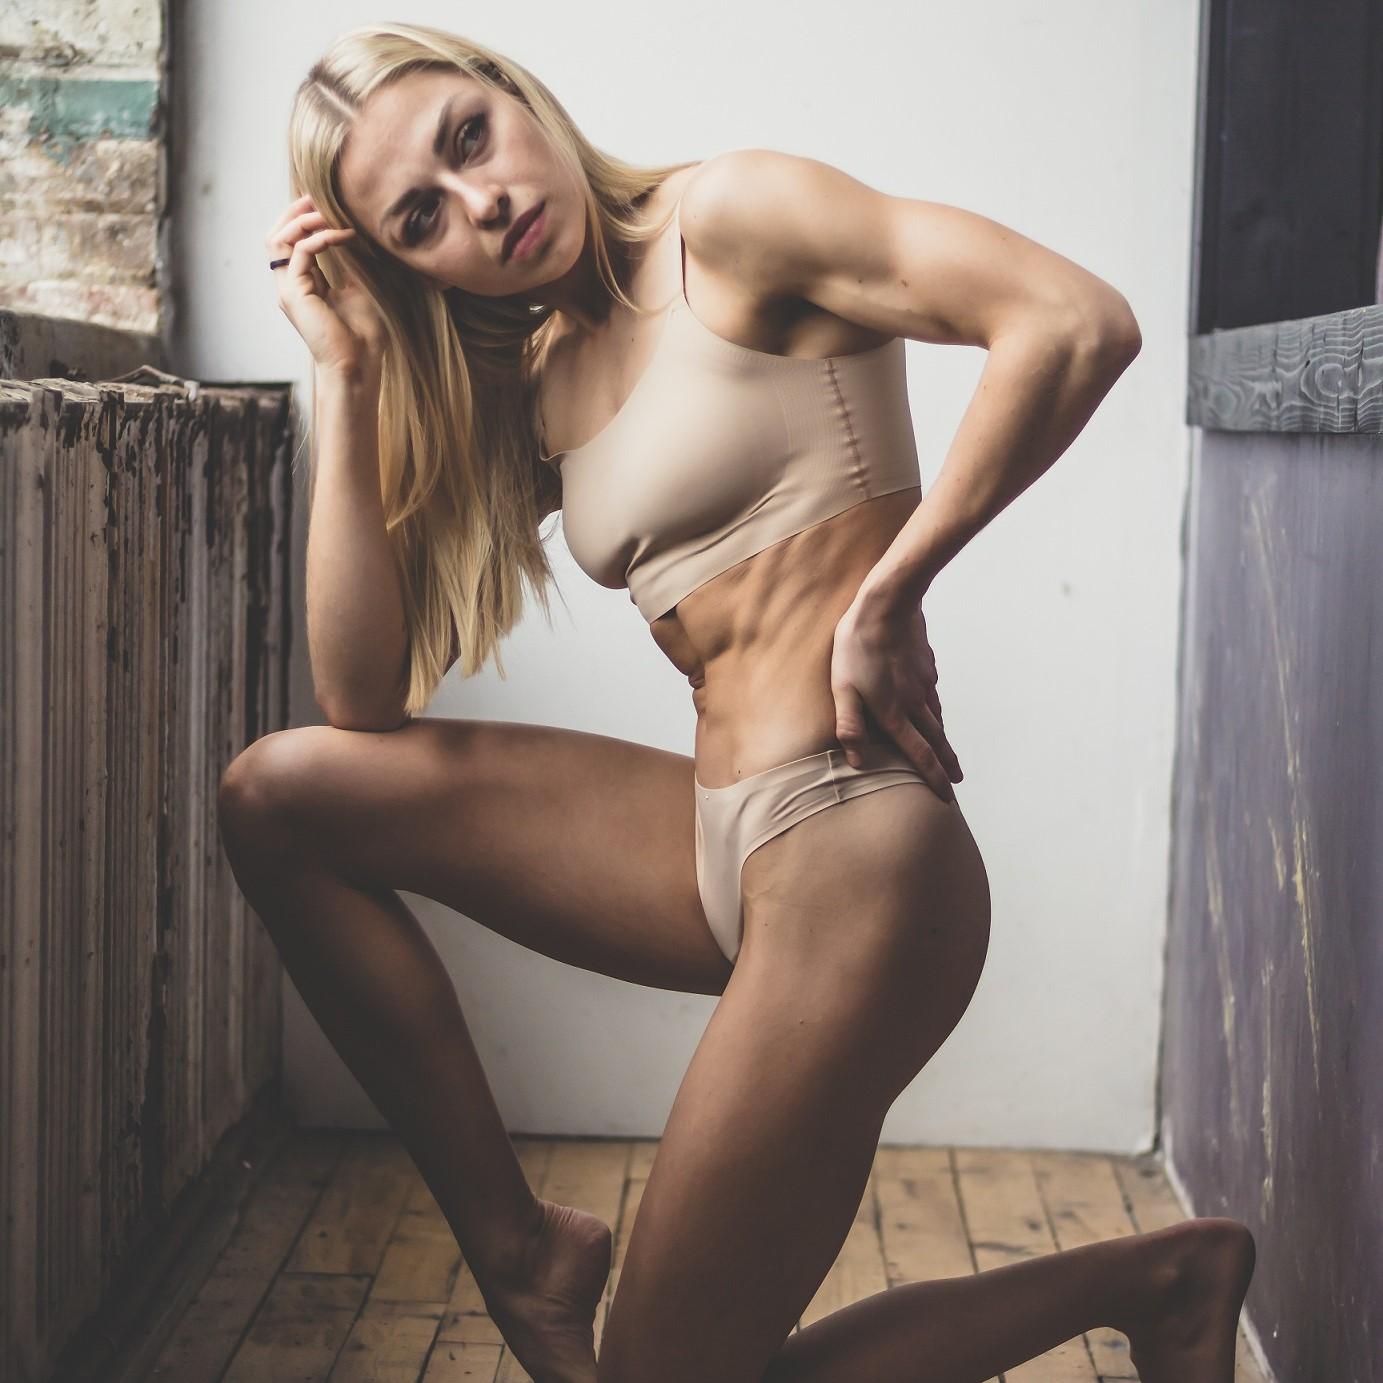 Fettreduktion oder Muskelaufbau: Was zuerst?